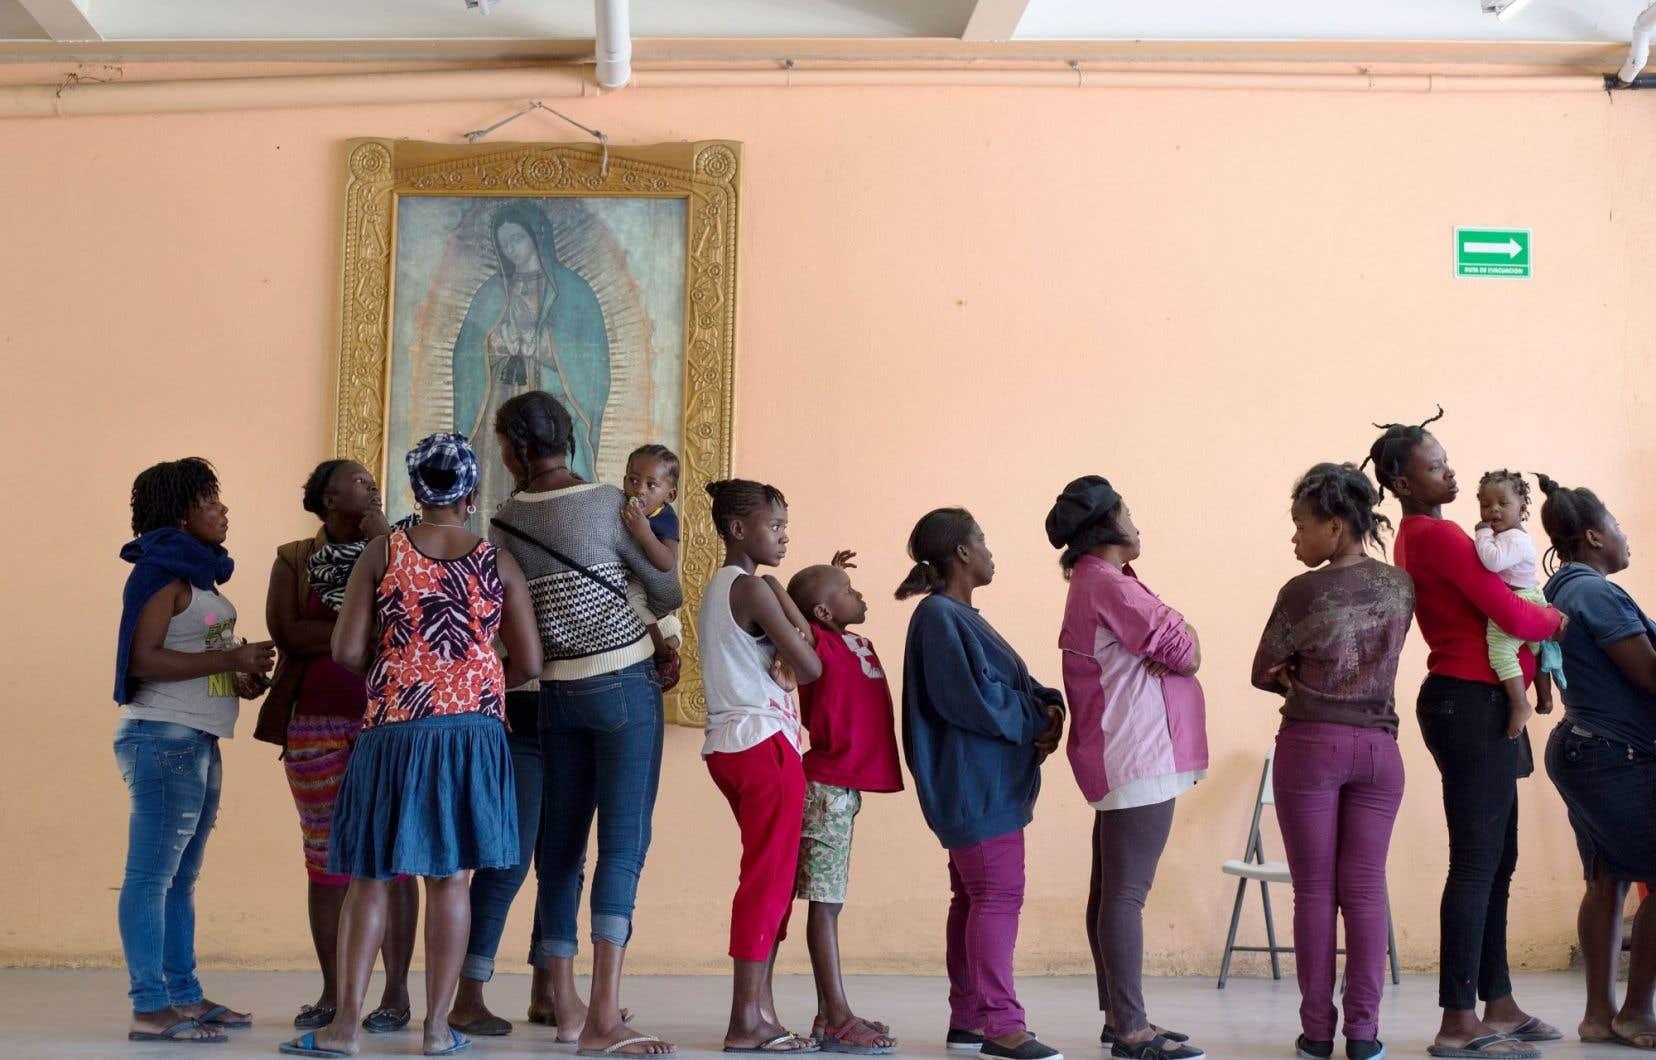 Des migrants haïtiens font la file afin de manger dans un refuge de la ville frontalière de Tijuana, au Mexique.